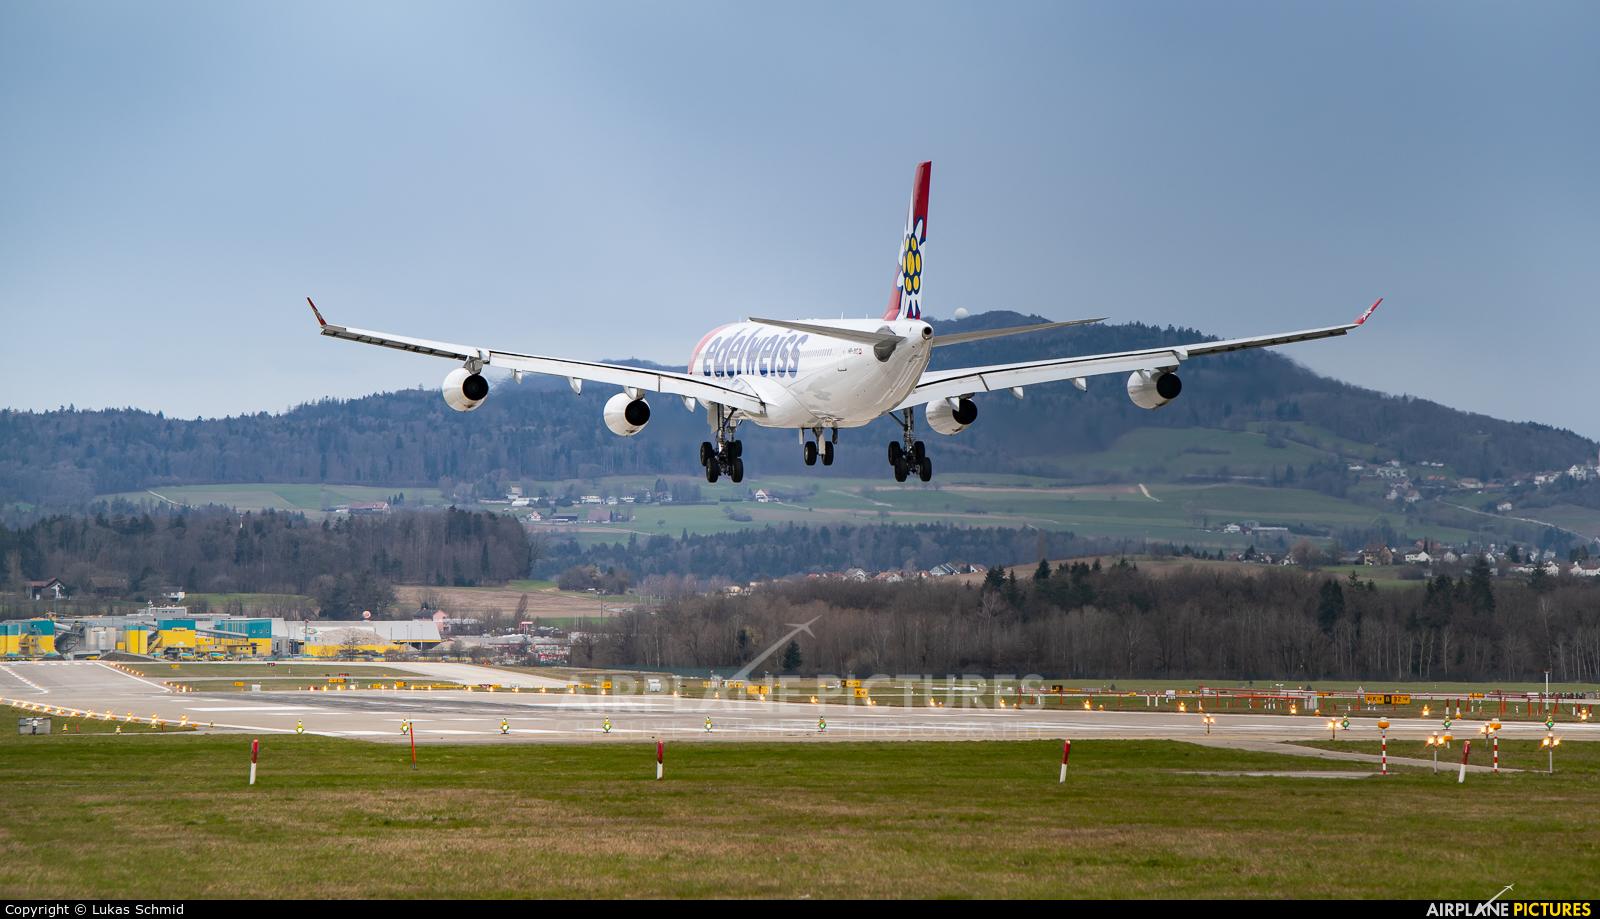 Edelweiss HB-JMG aircraft at Zurich